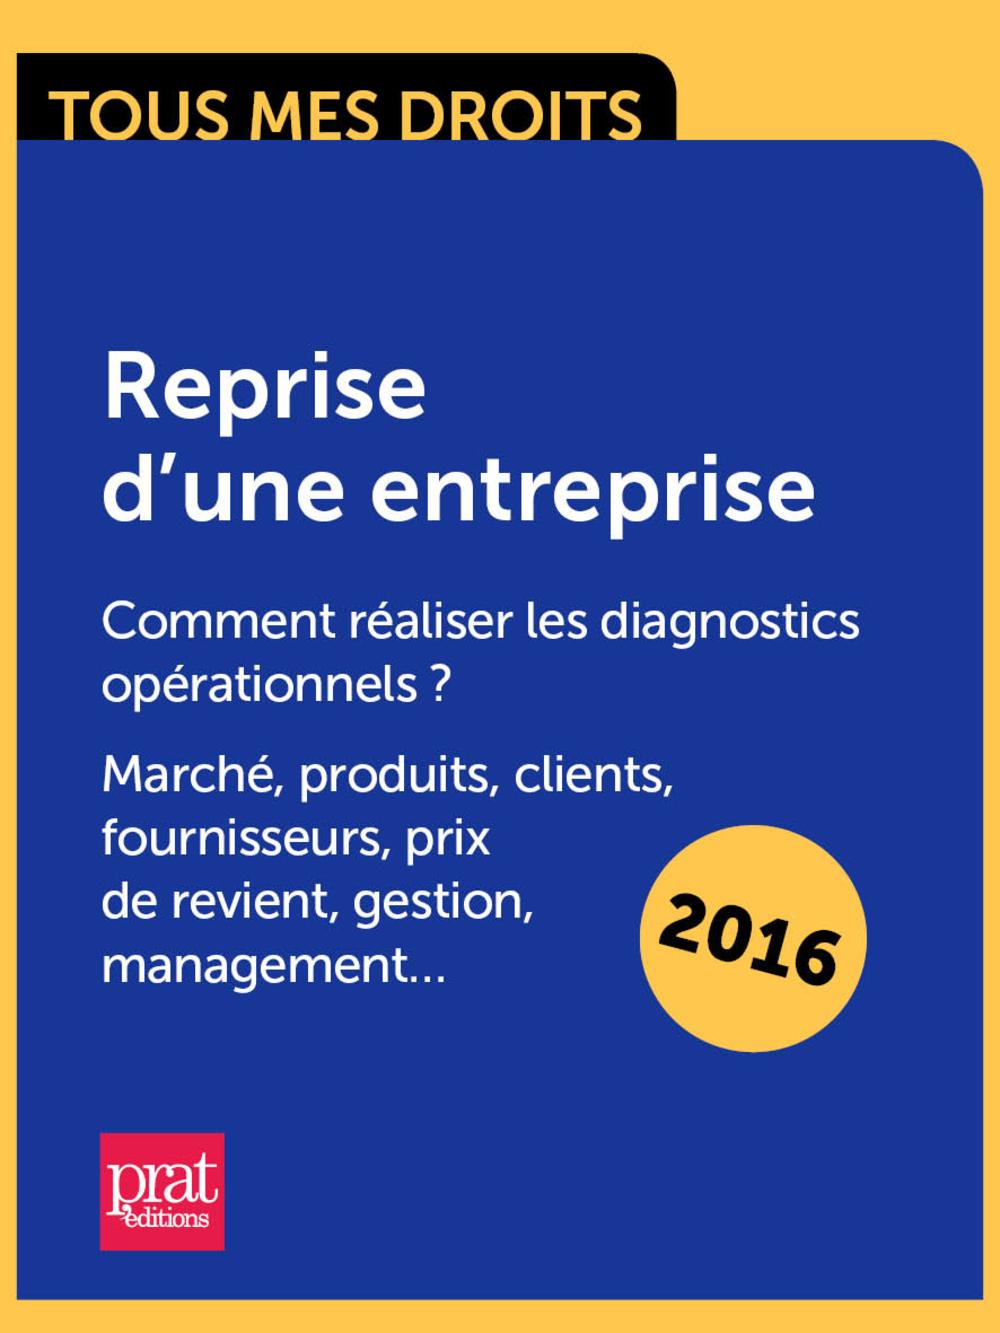 Reprise dune entreprise : comment réaliser les diagnostics opérationnels ?  Marché, produits, clients, fournisseurs, prix de revient, gestion, management